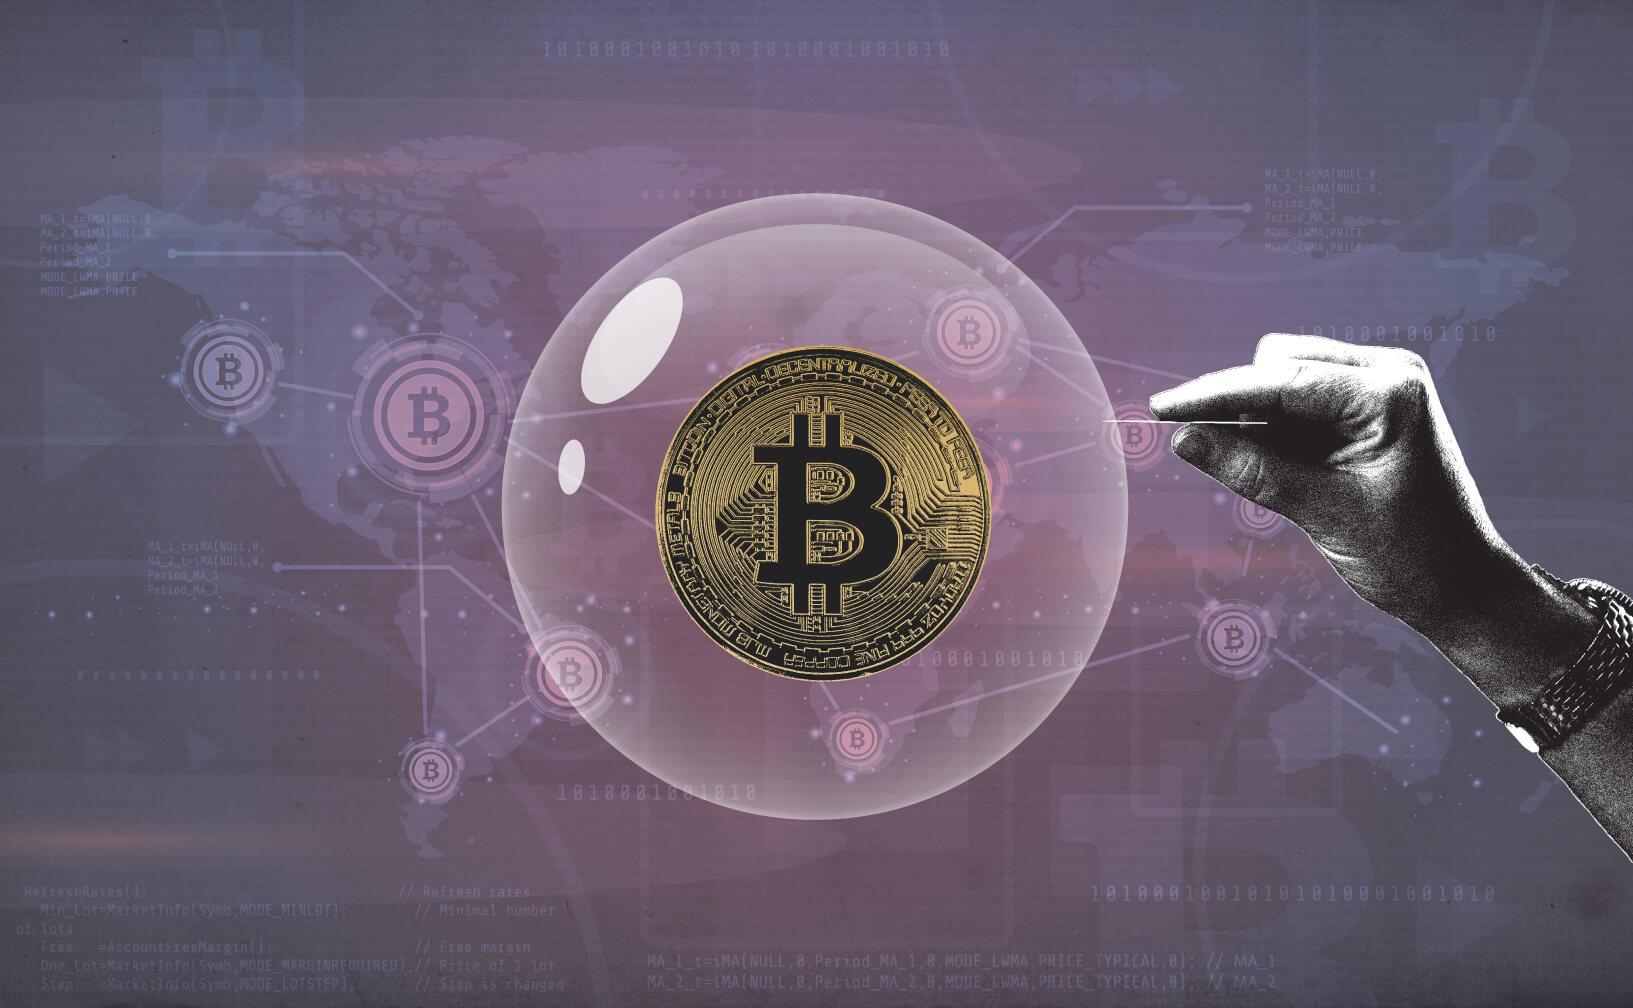 Tema Bitcoin cum să faci bani osho